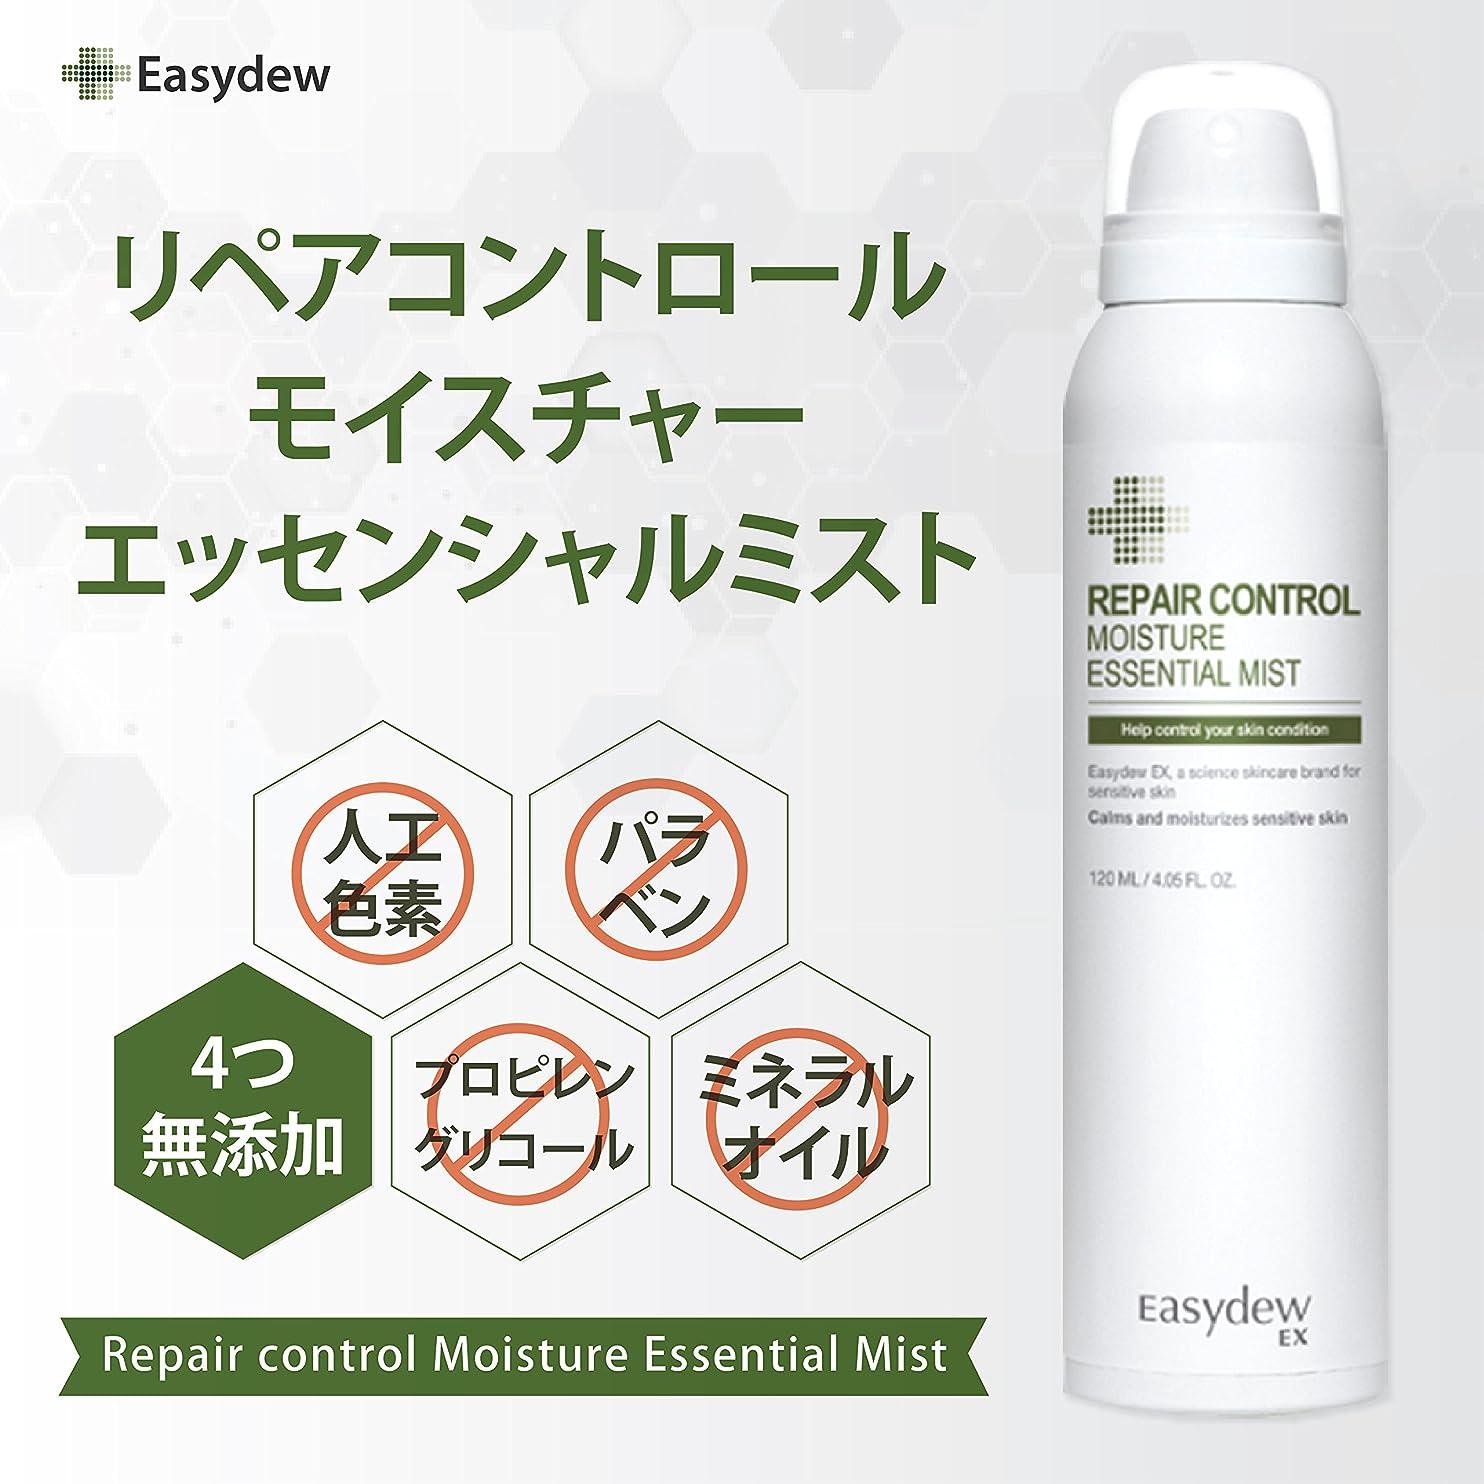 完了神経衰弱責めEASYDEW EX リペア コントロール モイスチャー エッセンシャル ミスト Repair Control Moisture Essential Mist 120ml